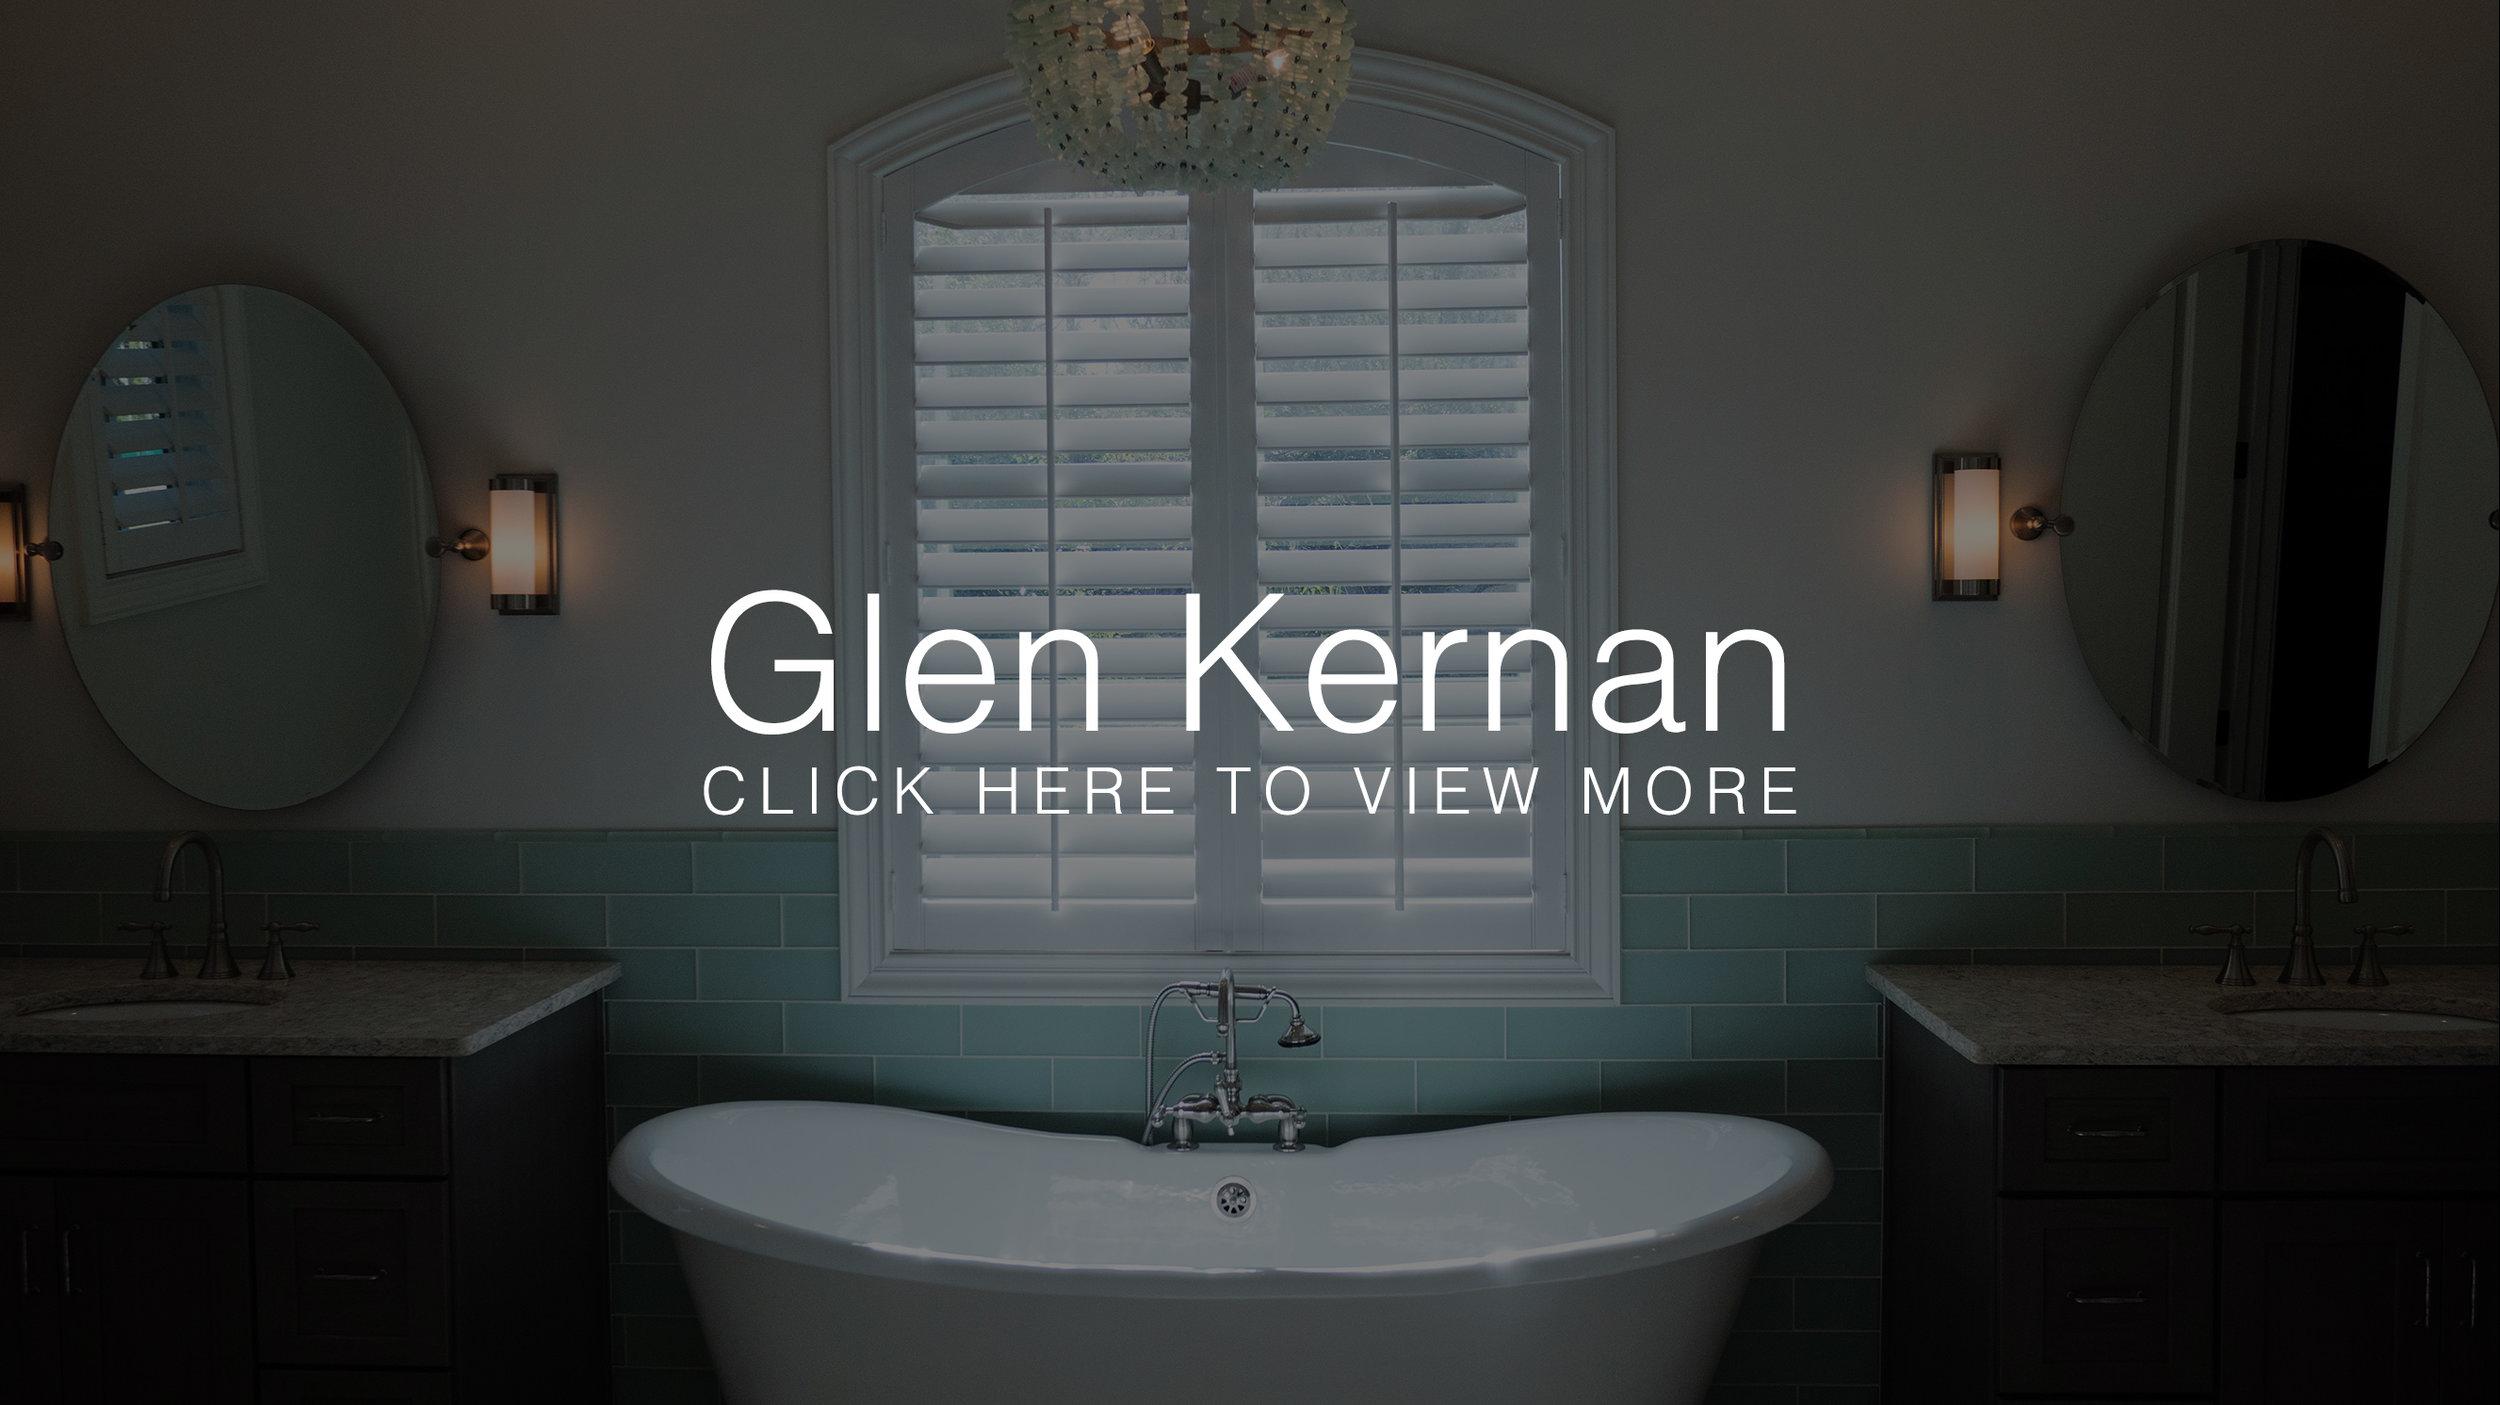 Glenn_kernan.jpg